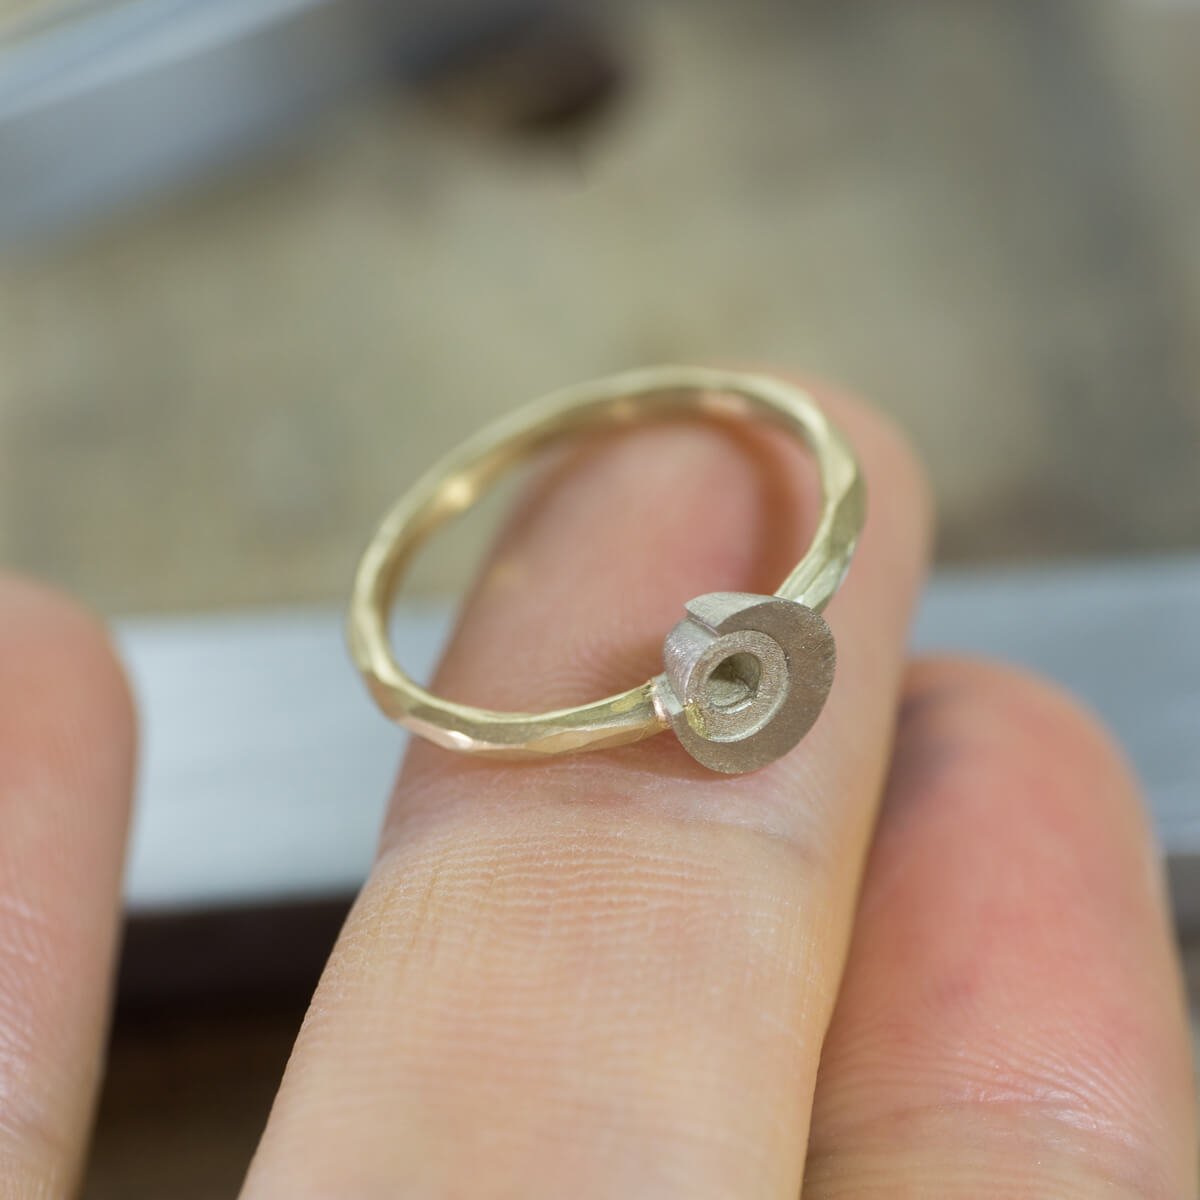 オーダーメイドマリッジリングの制作風景 ジュエリーのアトリエ 屋久島の月モチーフ ゴールド 屋久島でつくる結婚指輪